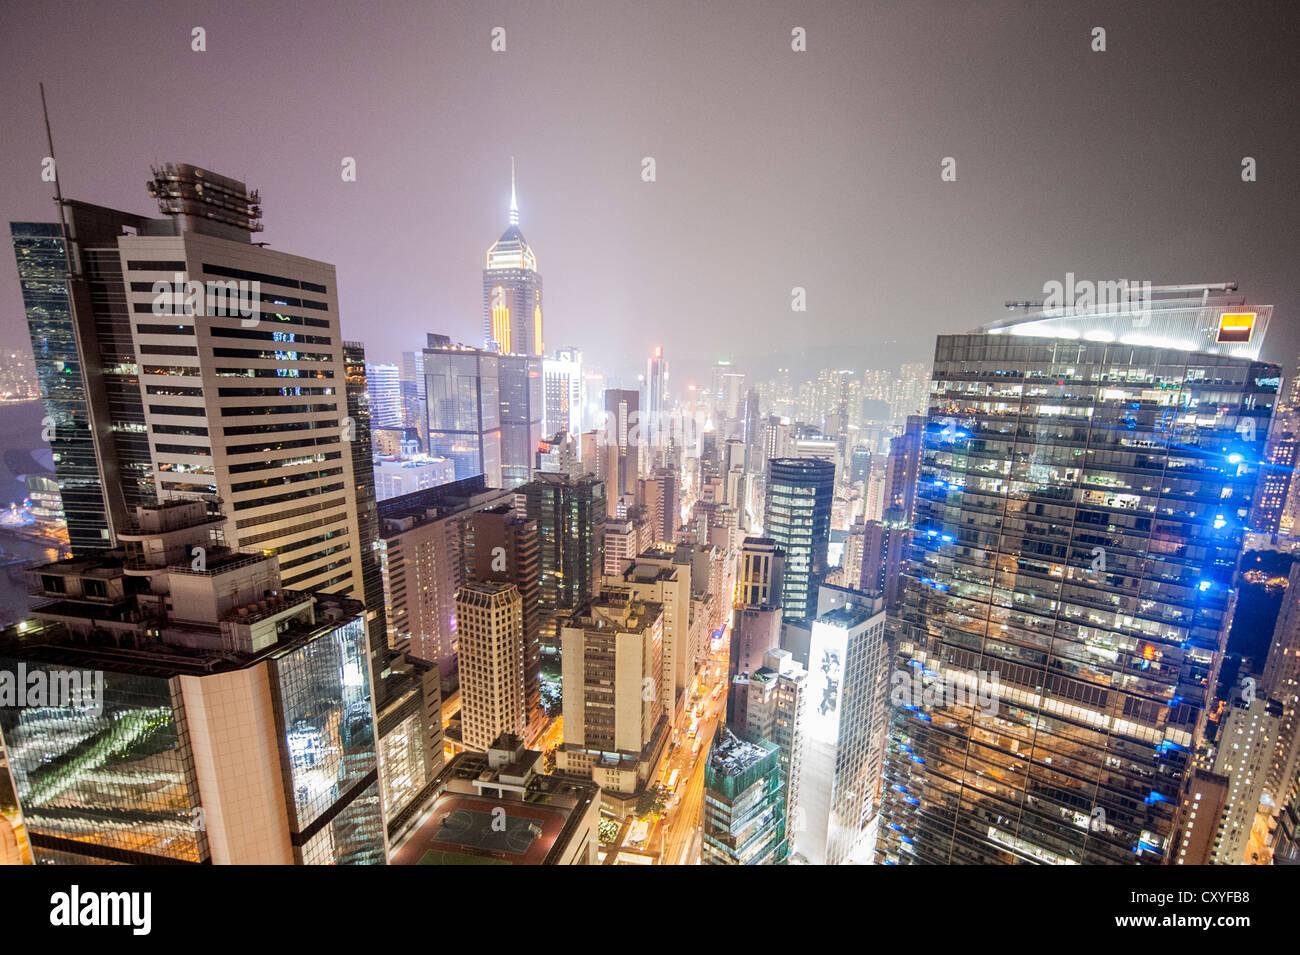 HONG KONG, SAR of CHINA: Aerial view of streets of Central district in Hong Kong at night - Stock Image